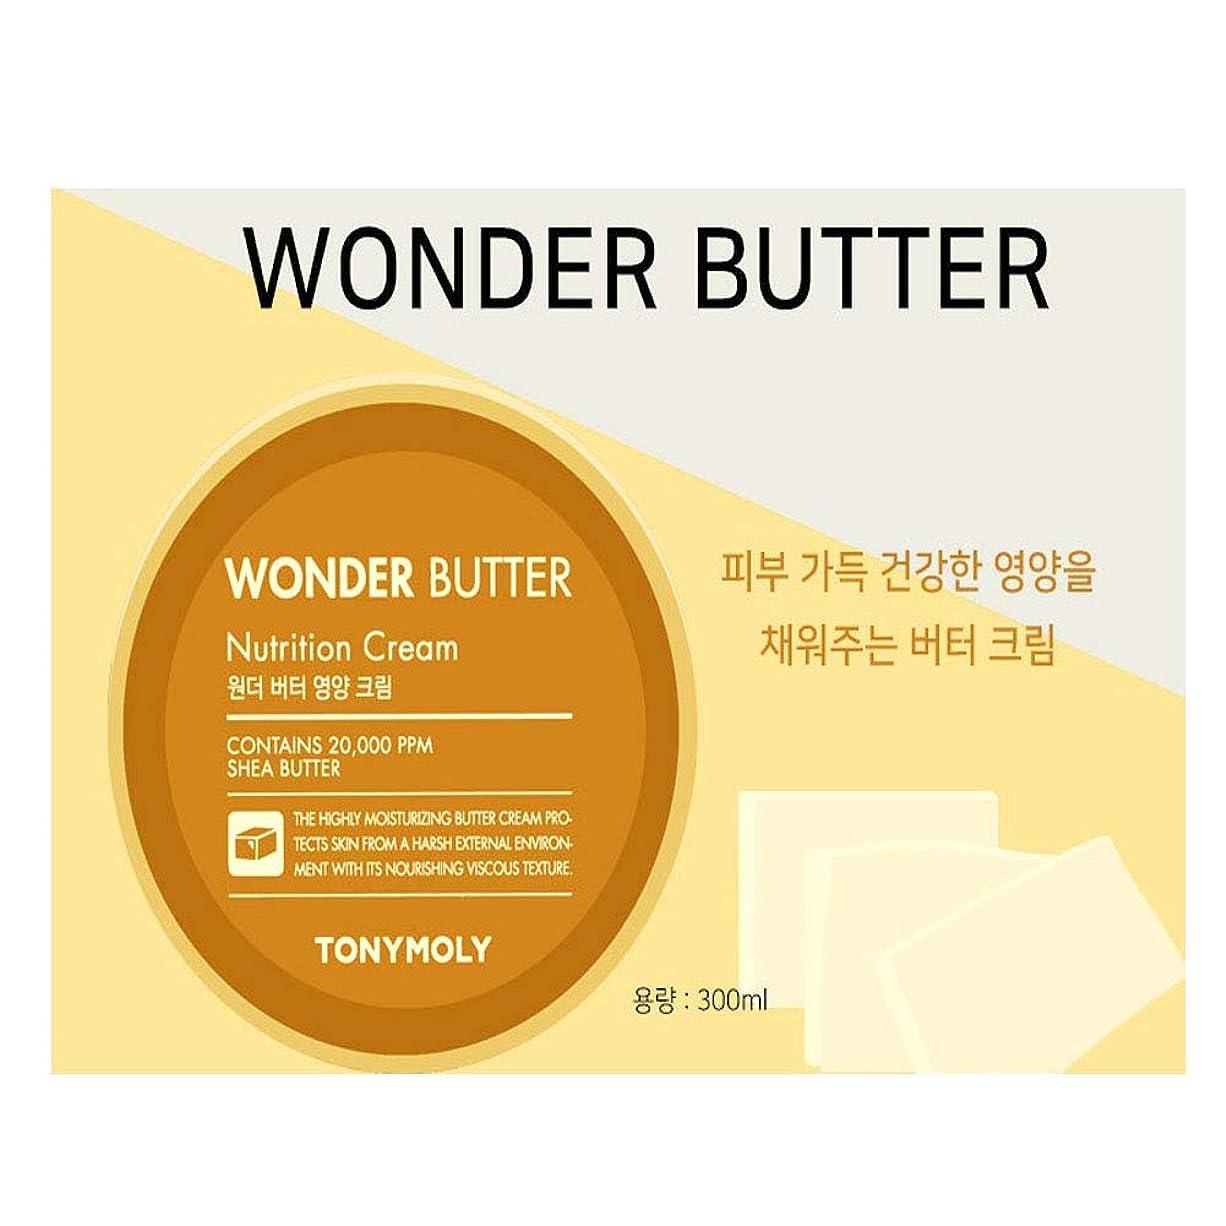 電気的測定可能やるトニーモリーワンダーバター栄養クリーム300ml x 2本セット、Tonymoly Wonder Butter Nutrition Cream 300ml x 2ea Set [並行輸入品]